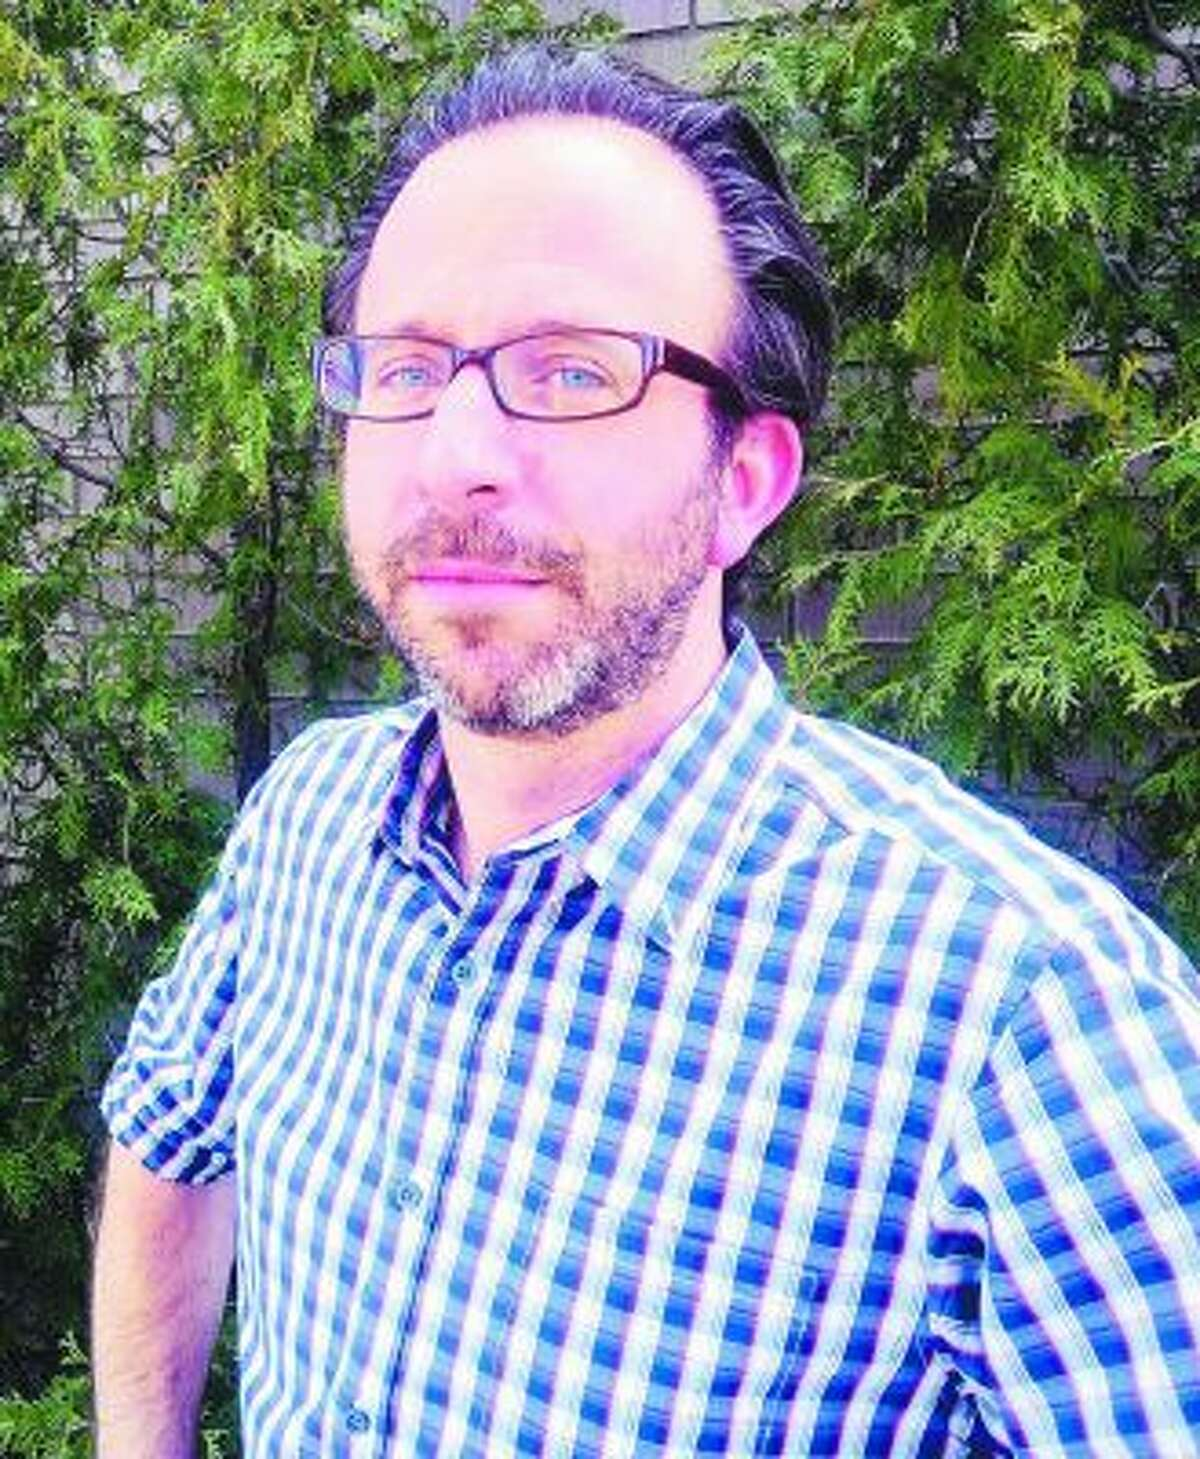 Jeff Edelstein